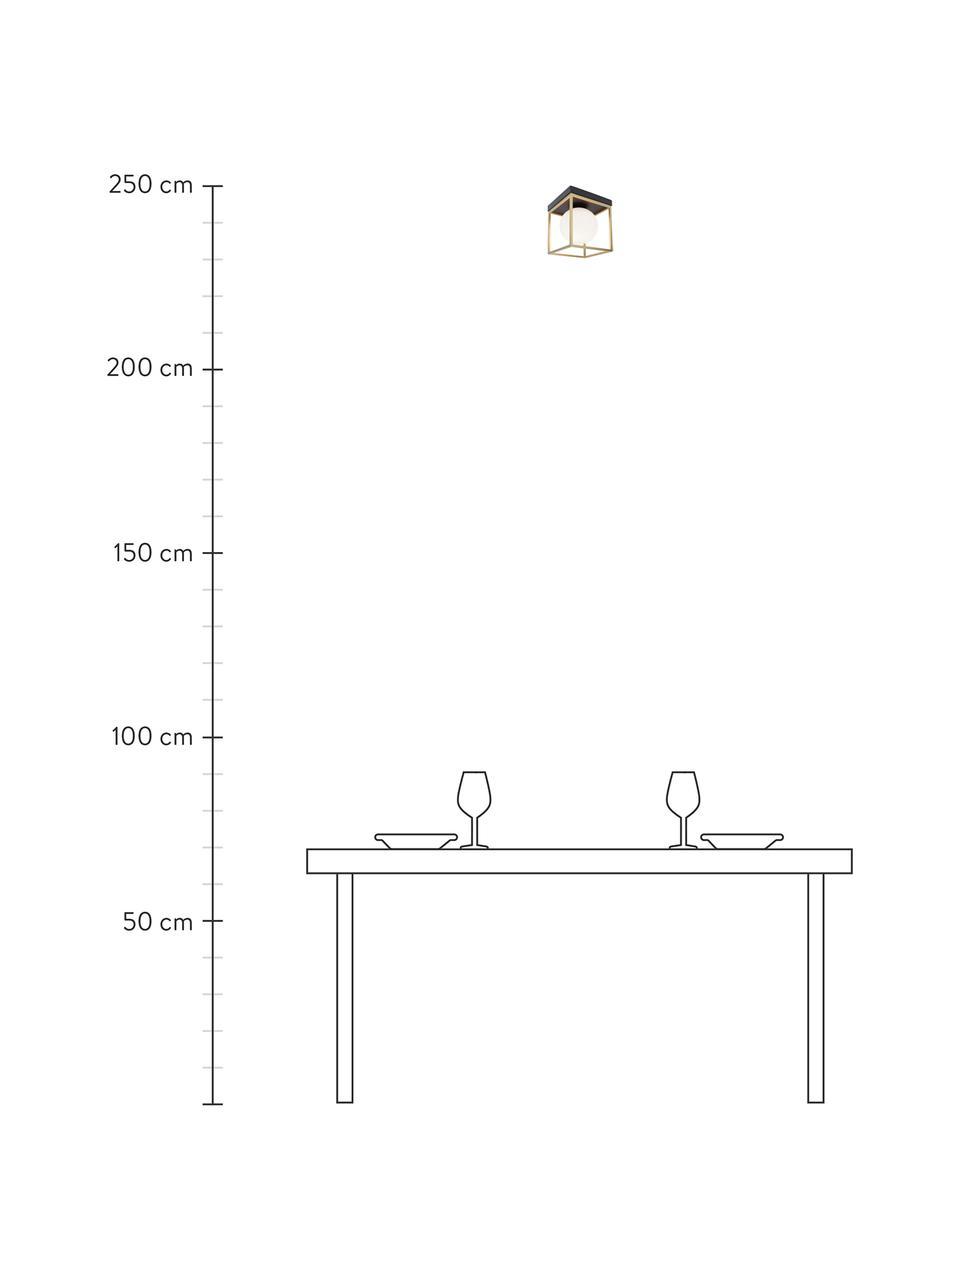 Kleine Deckenleuchte Juliet aus Glas, Lampenschirm: Opalglas, Baldachin: Metall, lackiert, Weiß, Messing, 19 x 20 cm